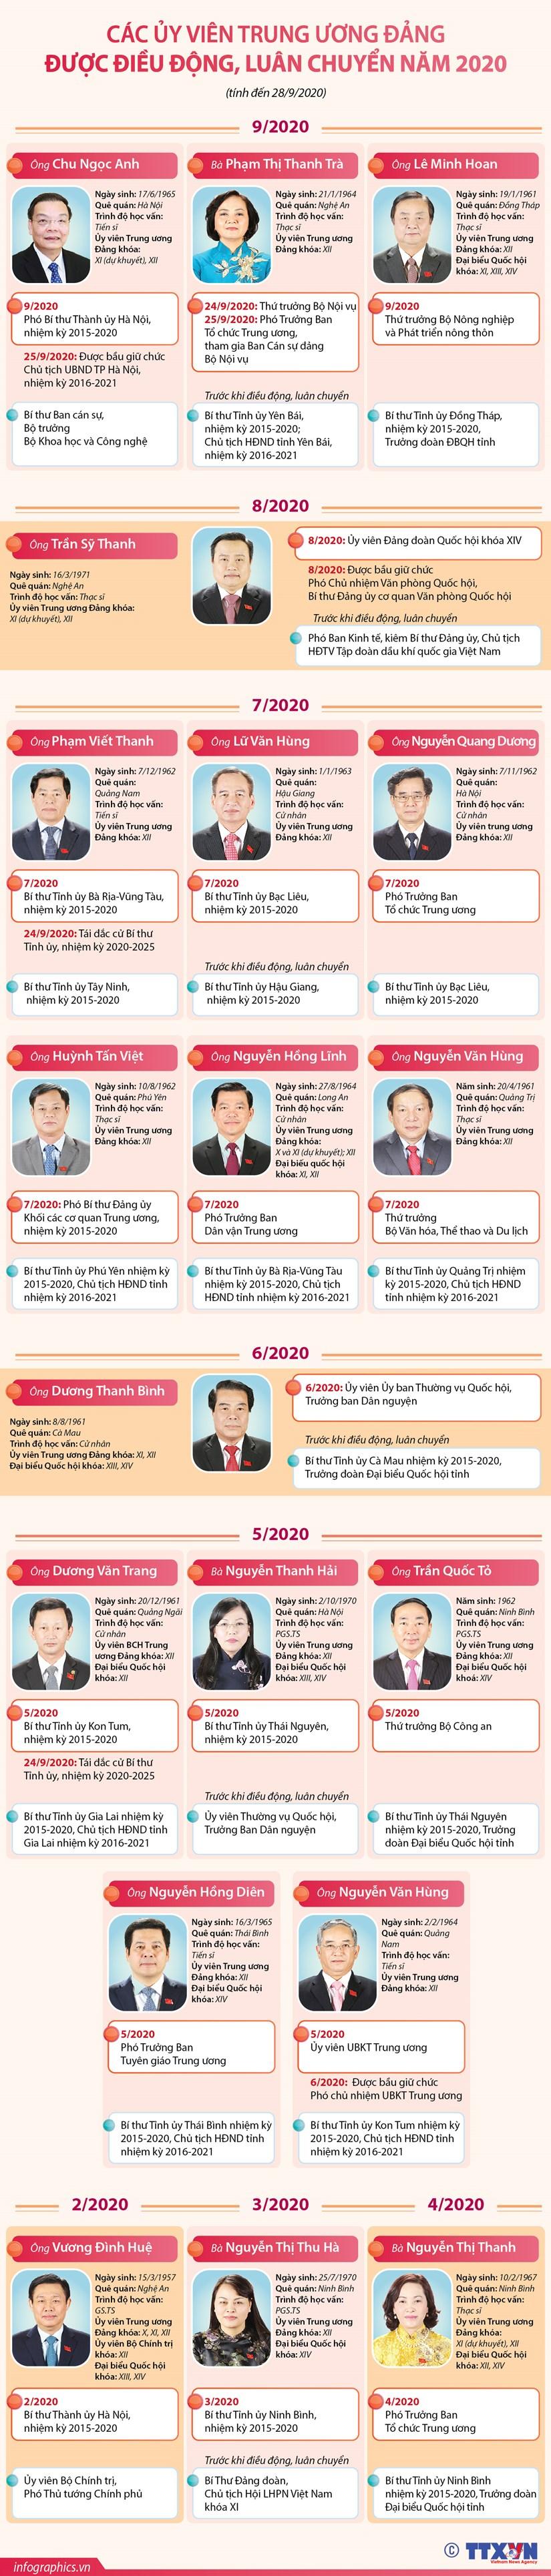 Cac Uy vien Trung uong Dang duoc dieu dong, luan chuyen nam 2020 hinh anh 1